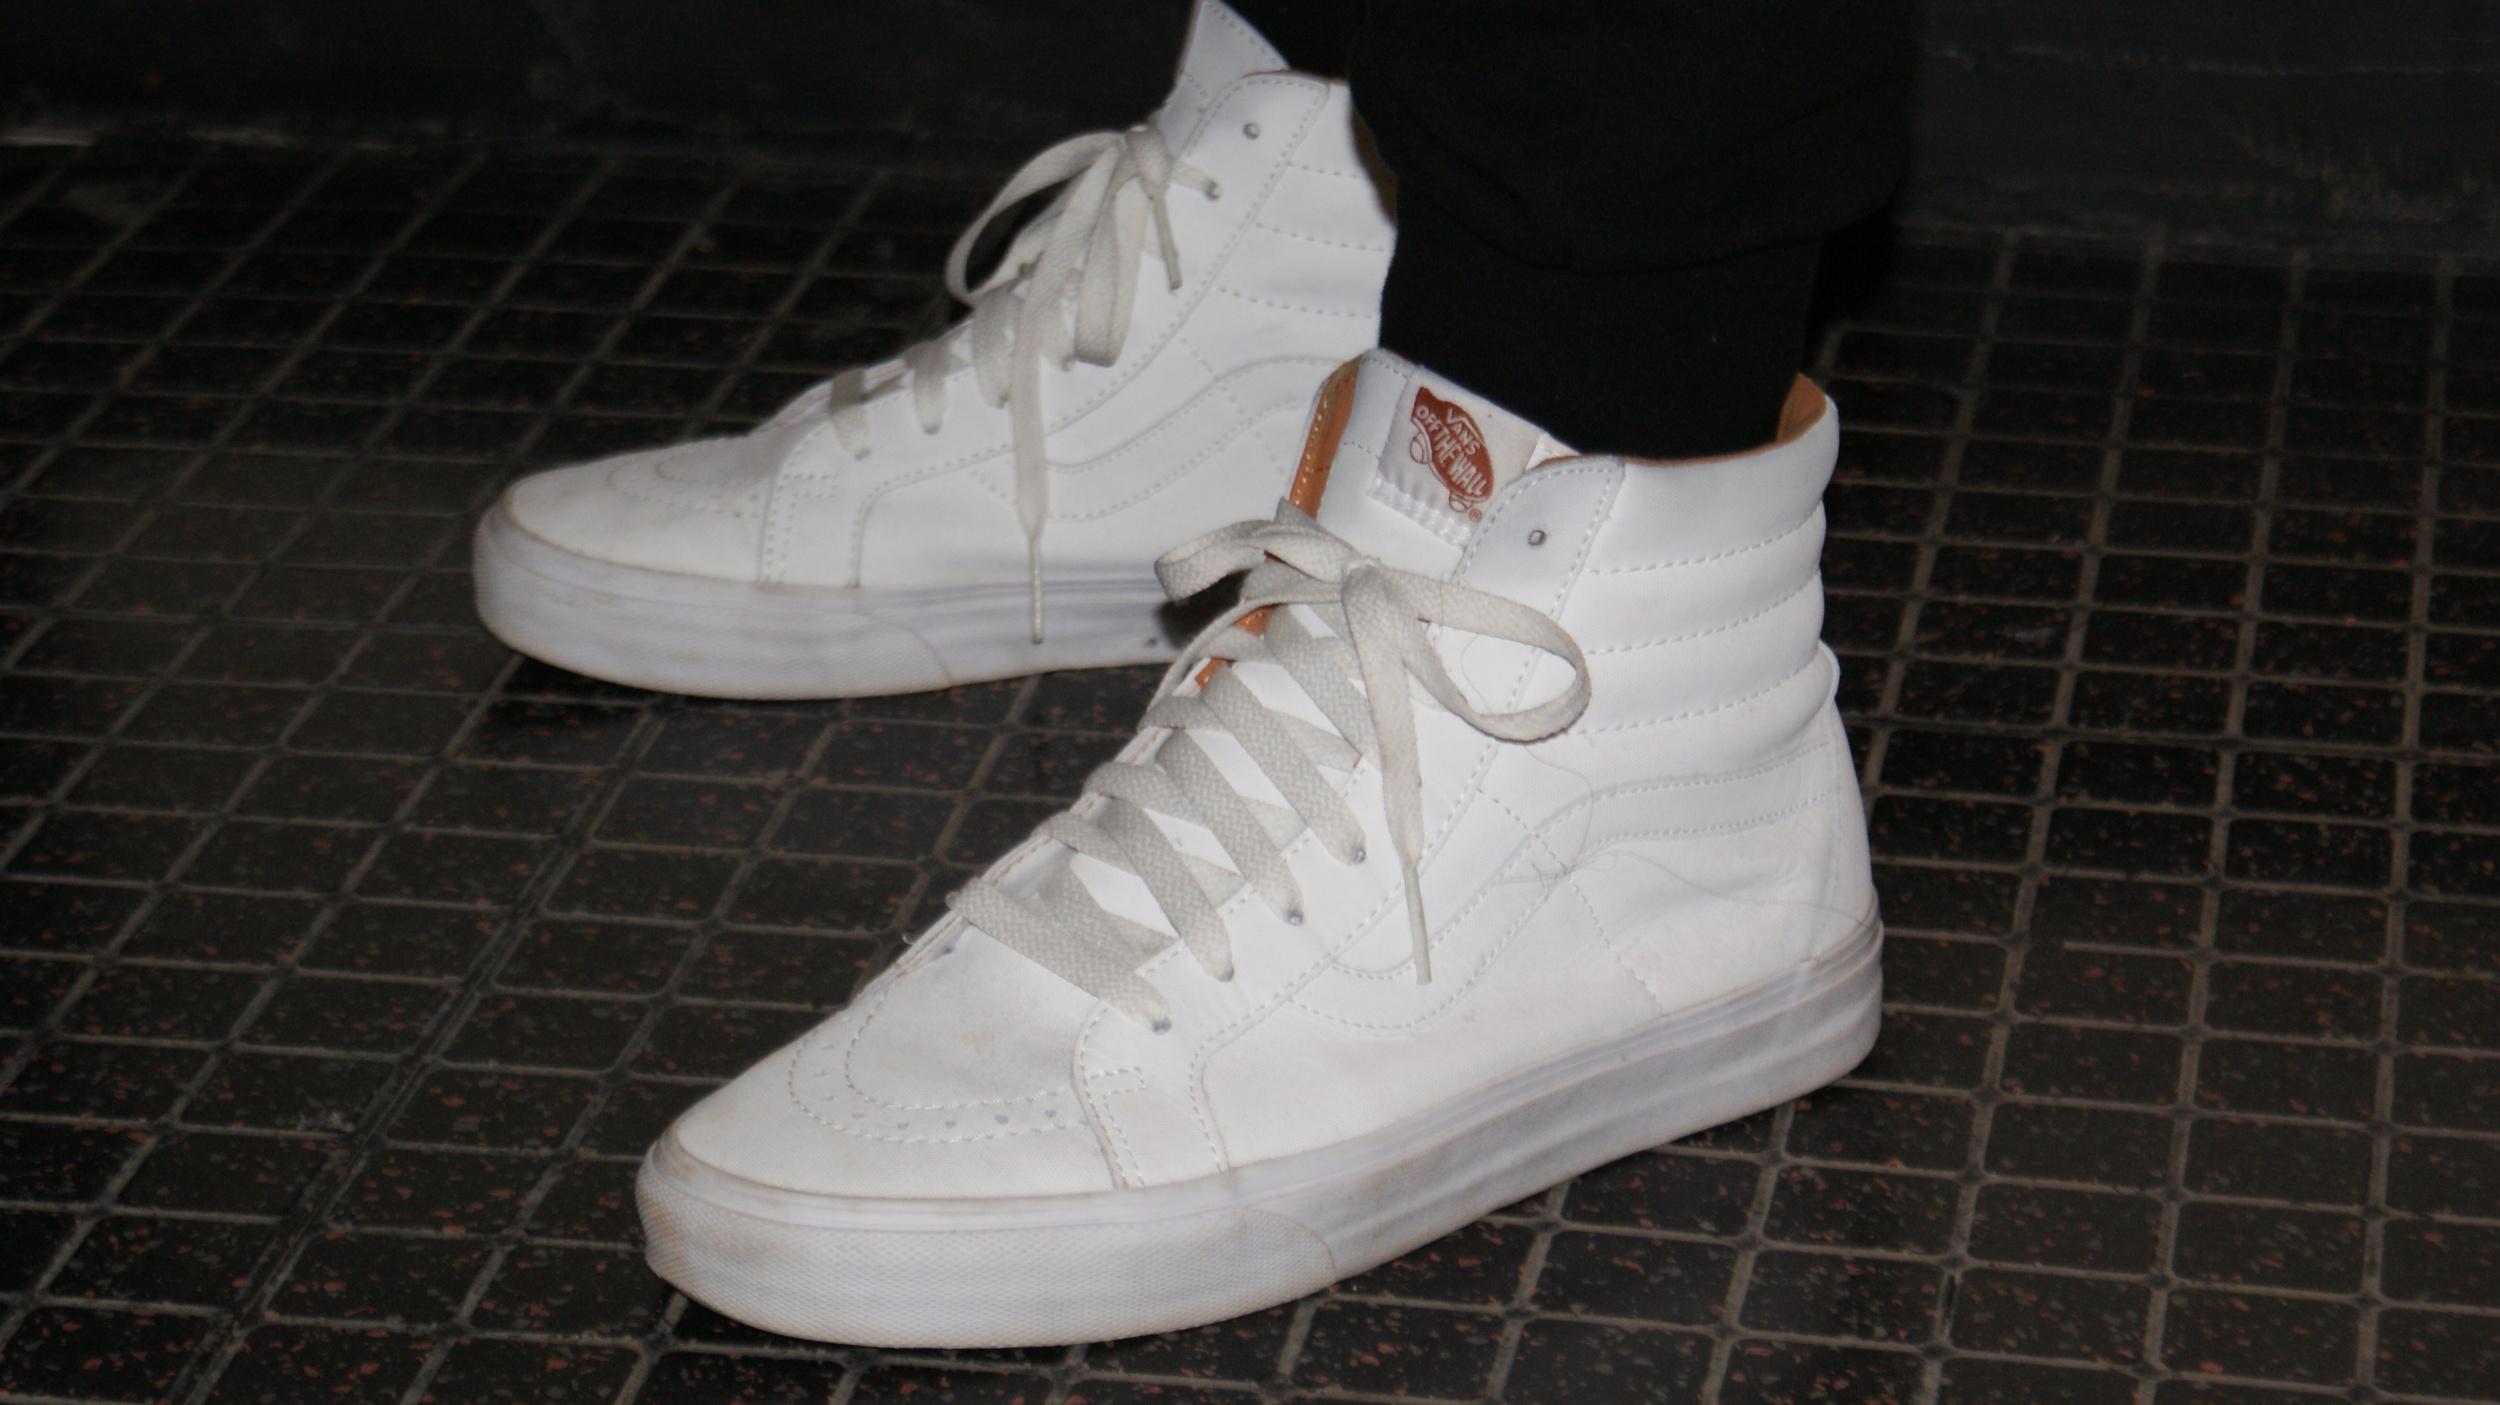 e419ca5b42 Shoe Review  Vans Sk8-Hi